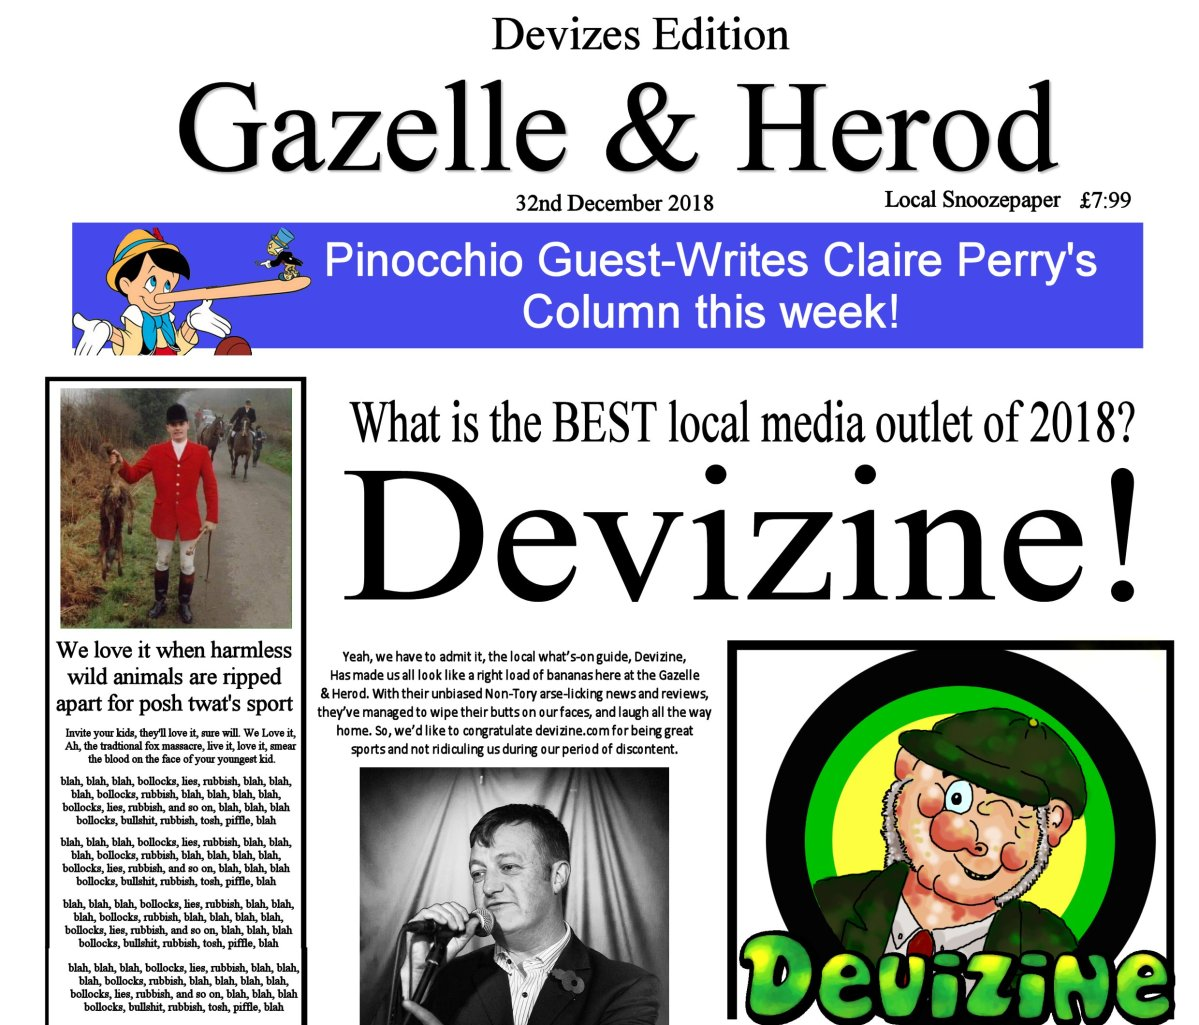 2018: Year ofDevizine!